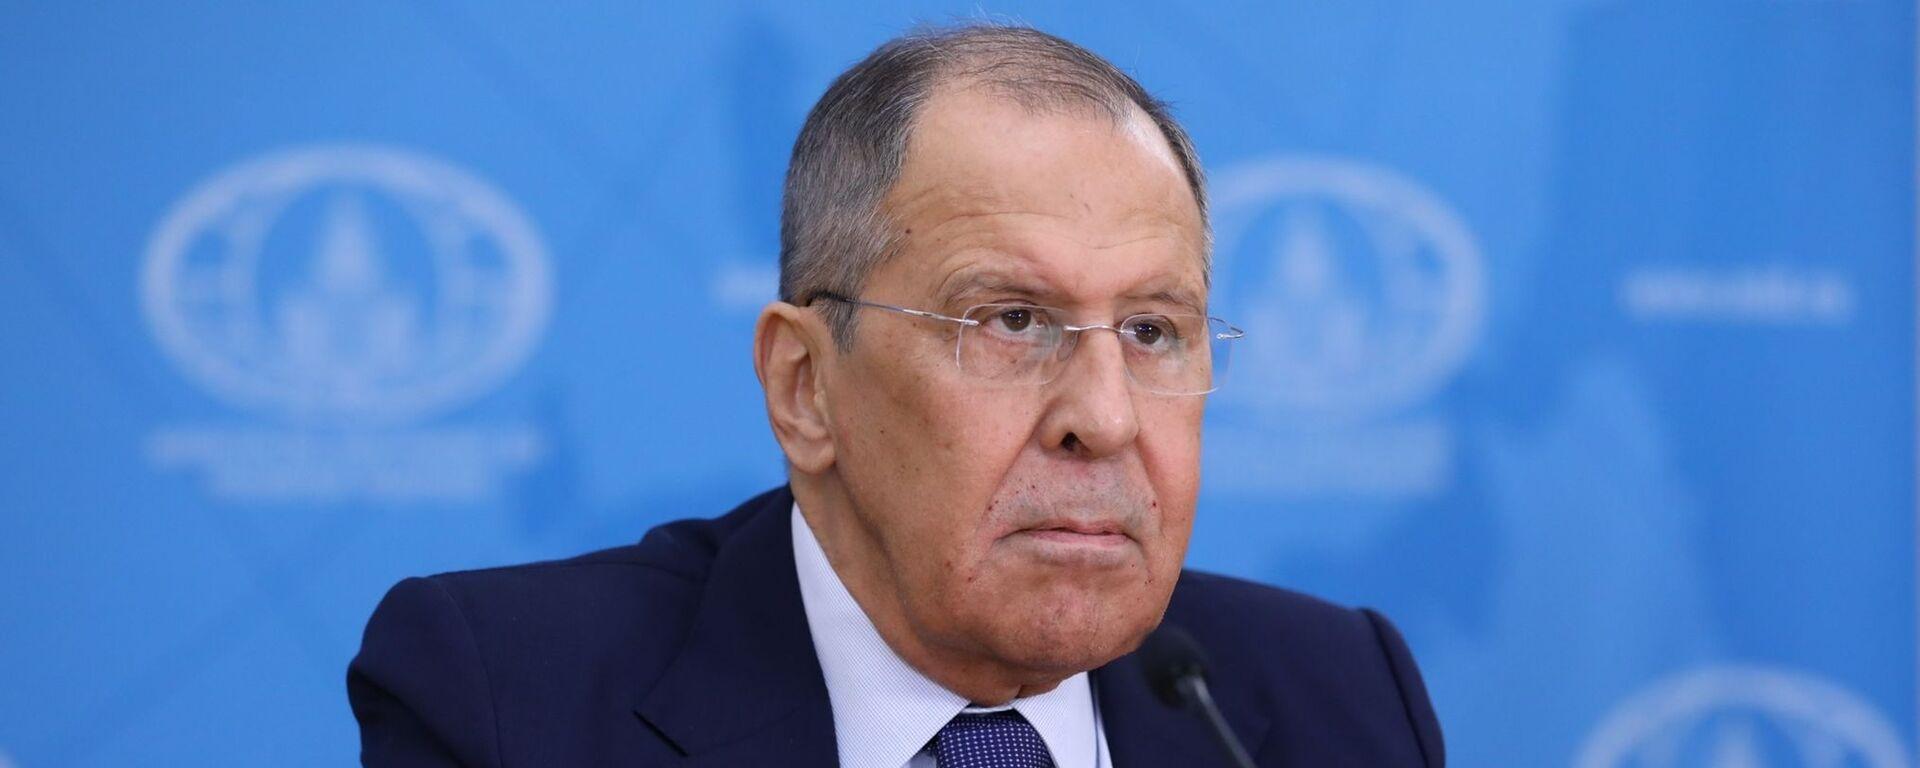 Bộ trưởng Ngoại giao Nga Sergei Lavrov. - Sputnik Việt Nam, 1920, 09.06.2021